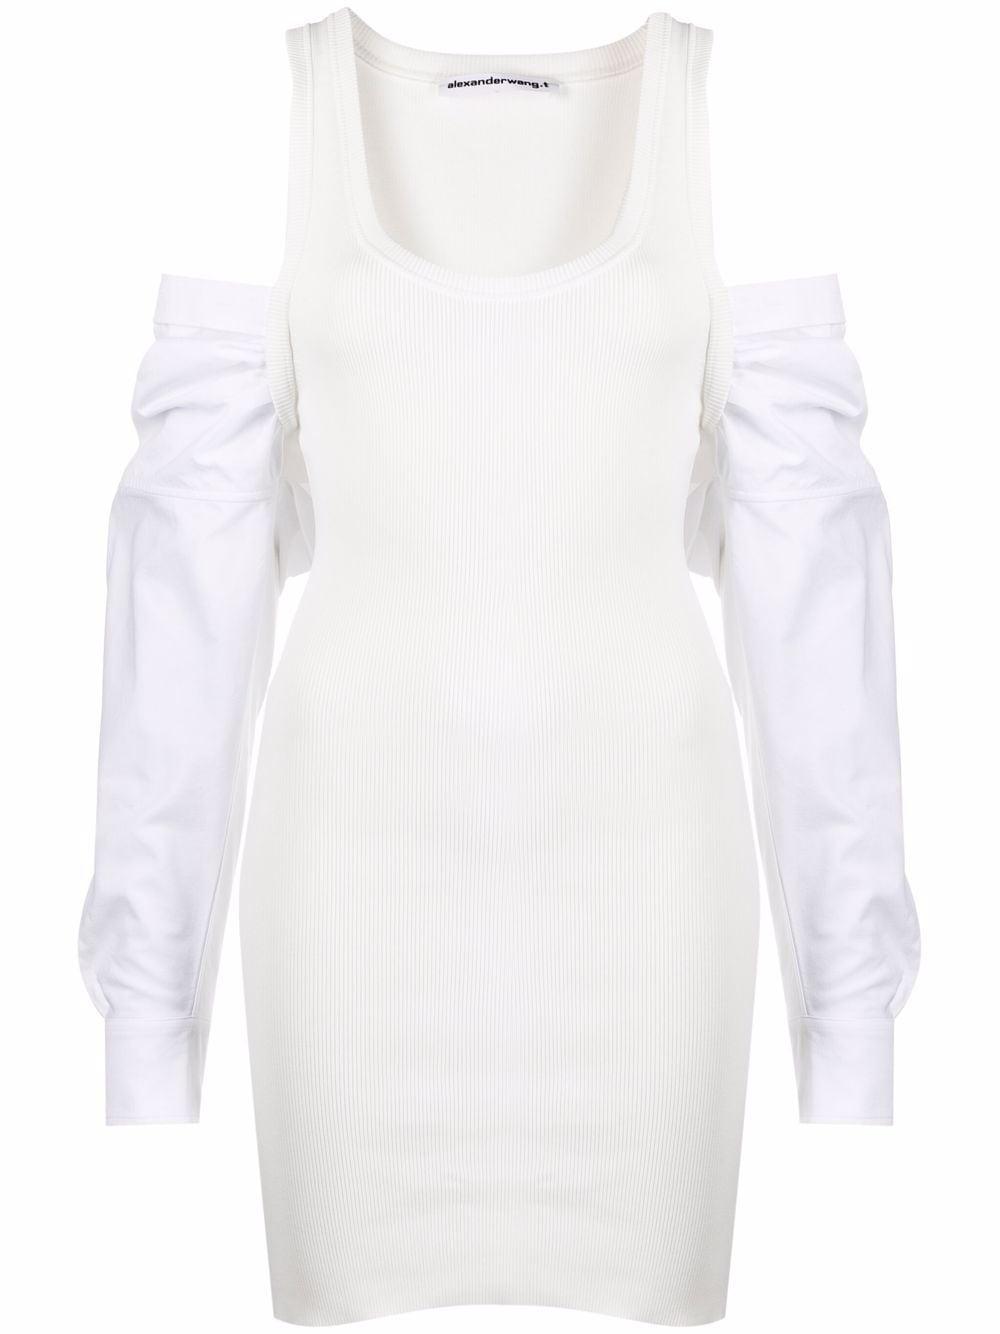 <p class='small-title'>ALEXANDERWANG.T</p>Shirt Dress